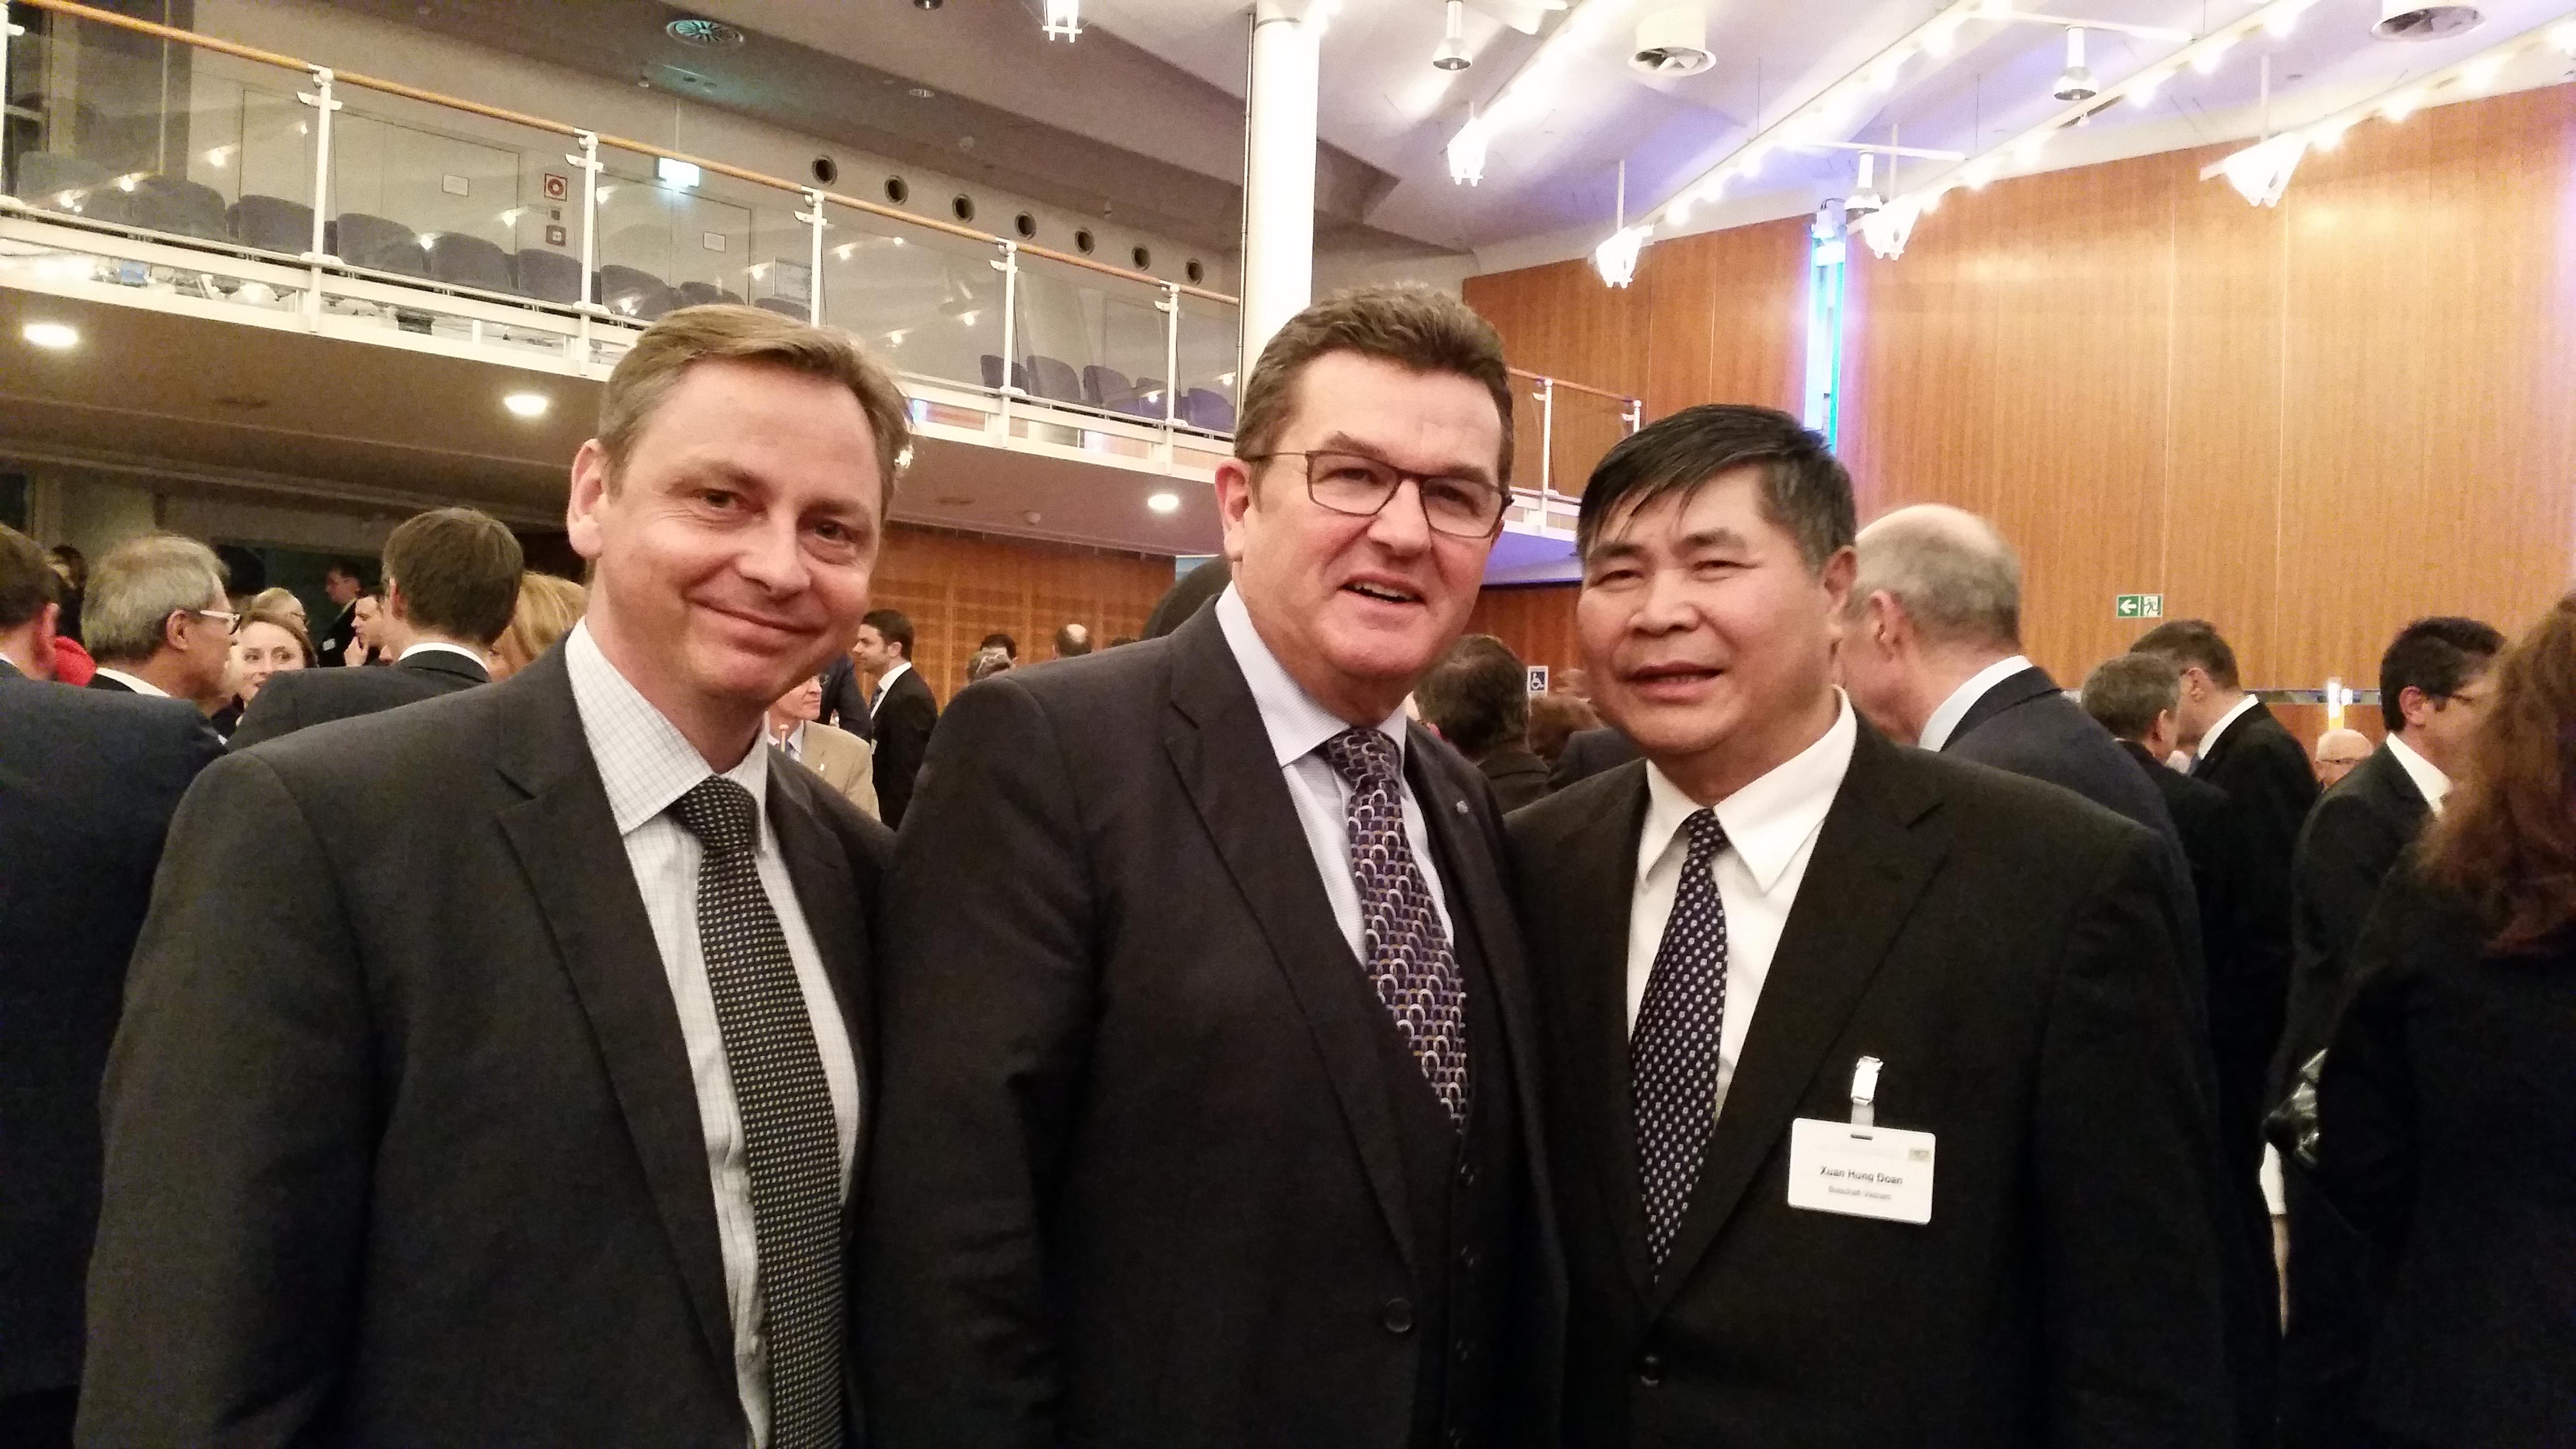 Đại sứ Đoàn Xuân Hưng chụp ảnh với Quốc vụ khanh Bộ Kinh tế Bayern và Giám đốc AHK Việt Nam